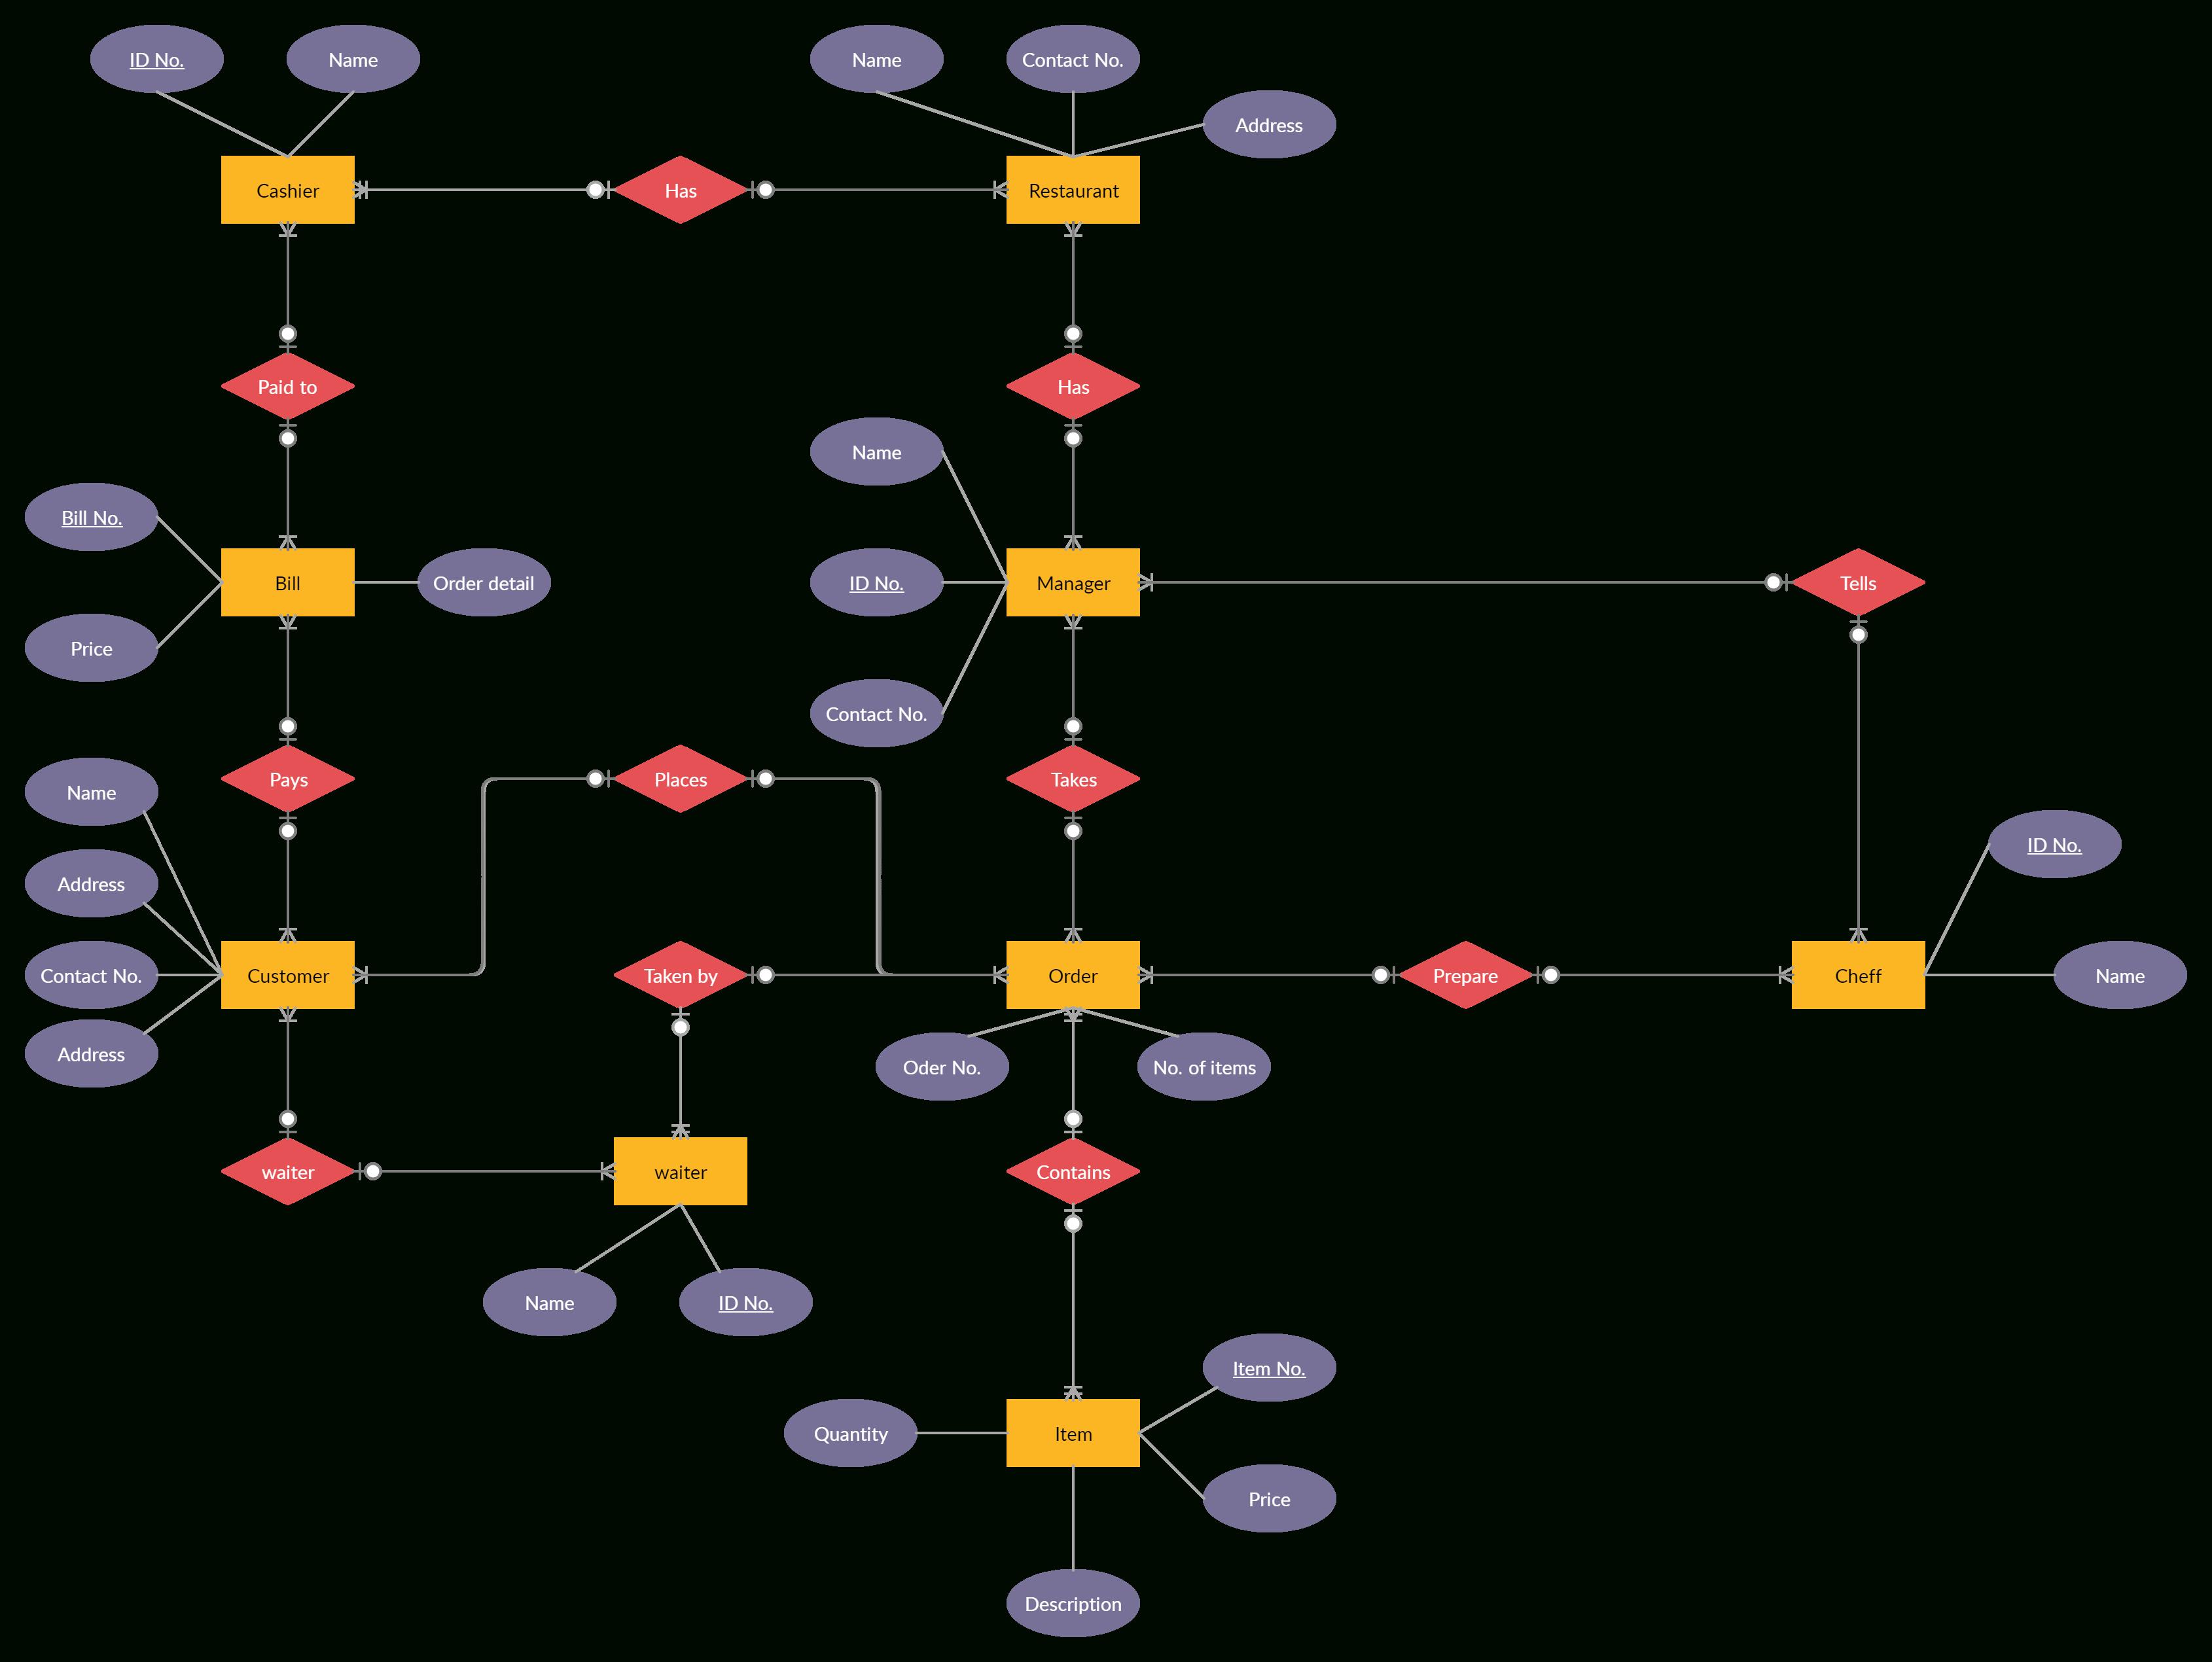 Er Diagram For Online Restaurant Management System